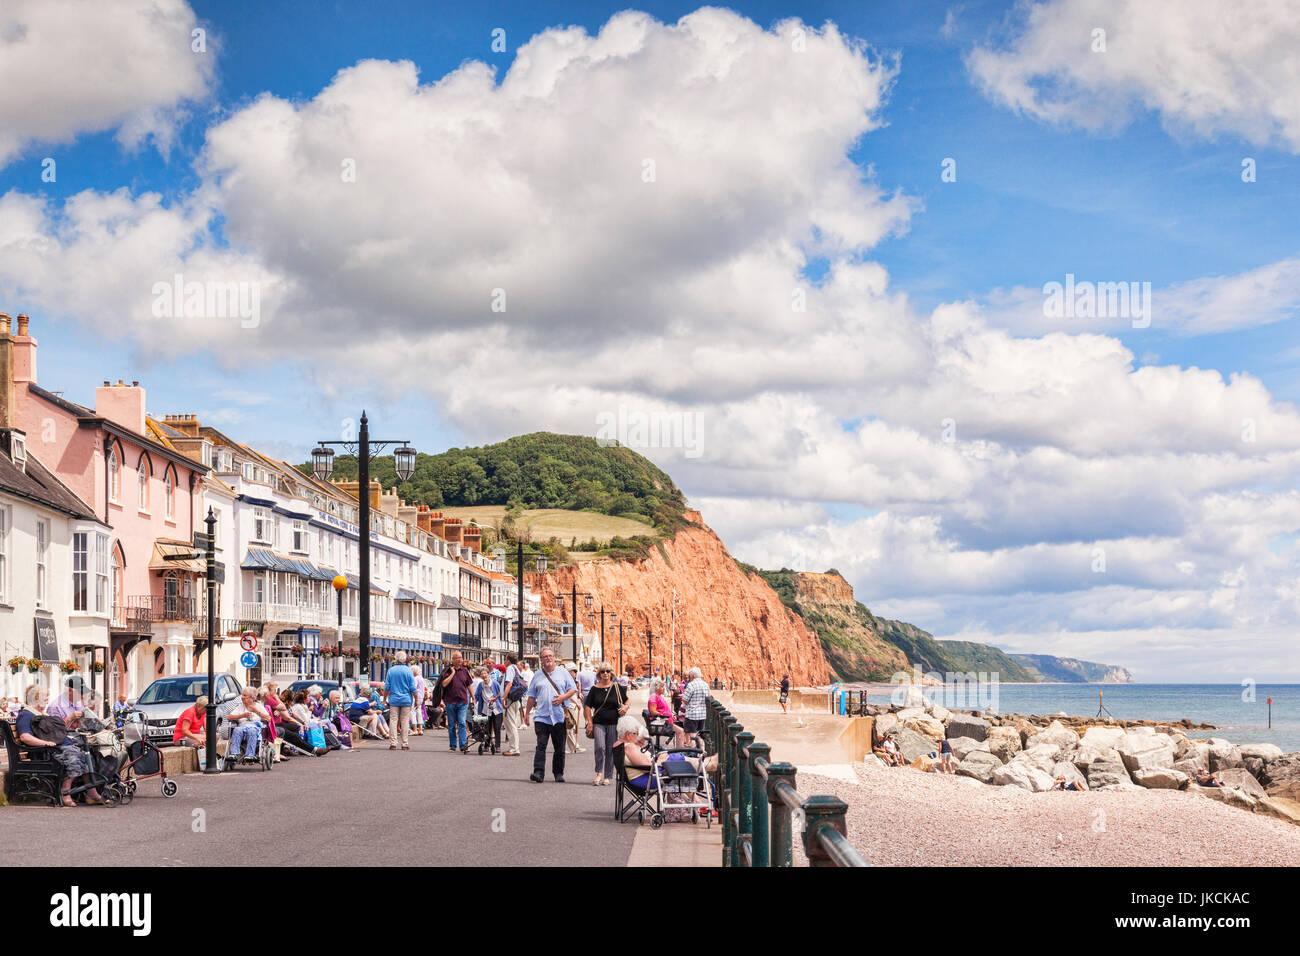 3 Luglio 2017: Sidmouth, Dorset, England, Regno Unito - Visitatori passeggiando sul lungomare su una soleggiata Foto Stock